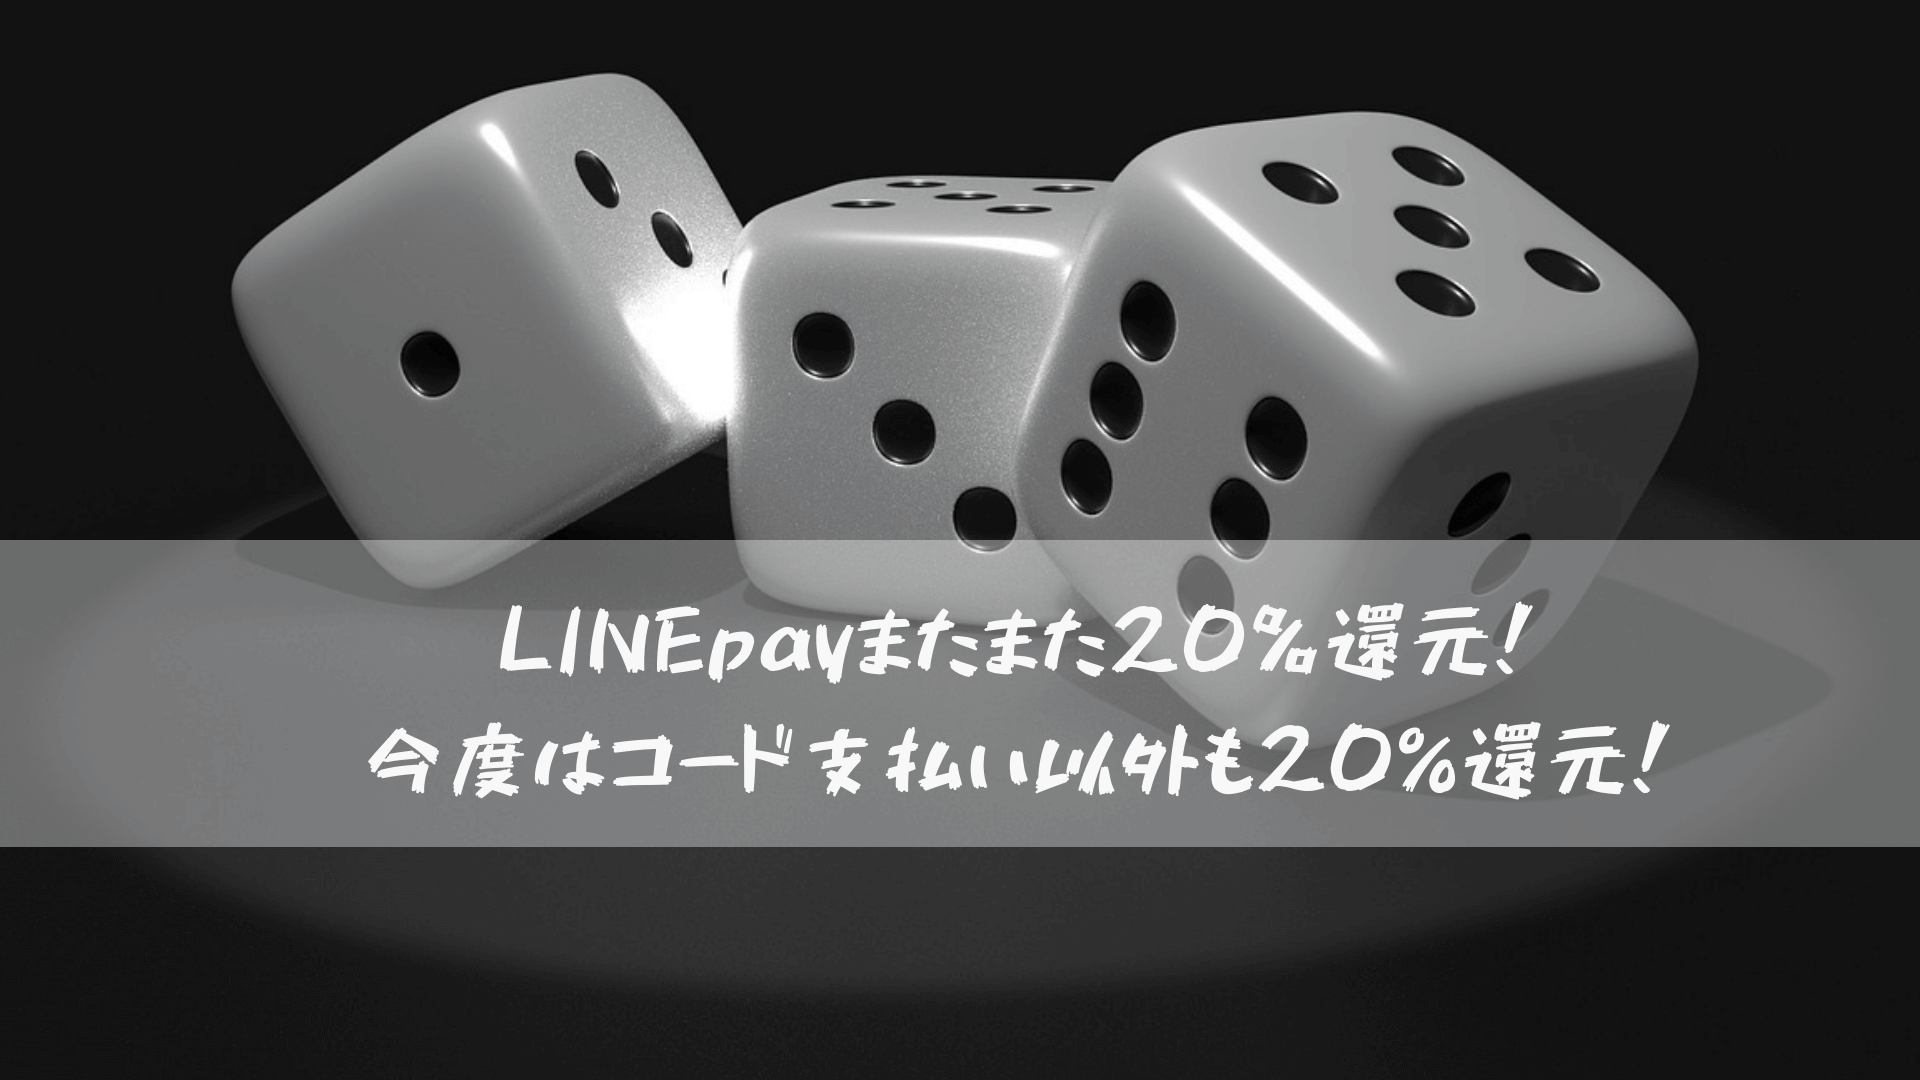 LINEpayまたまた20%還元!今度はコード支払い以外も20%還元!